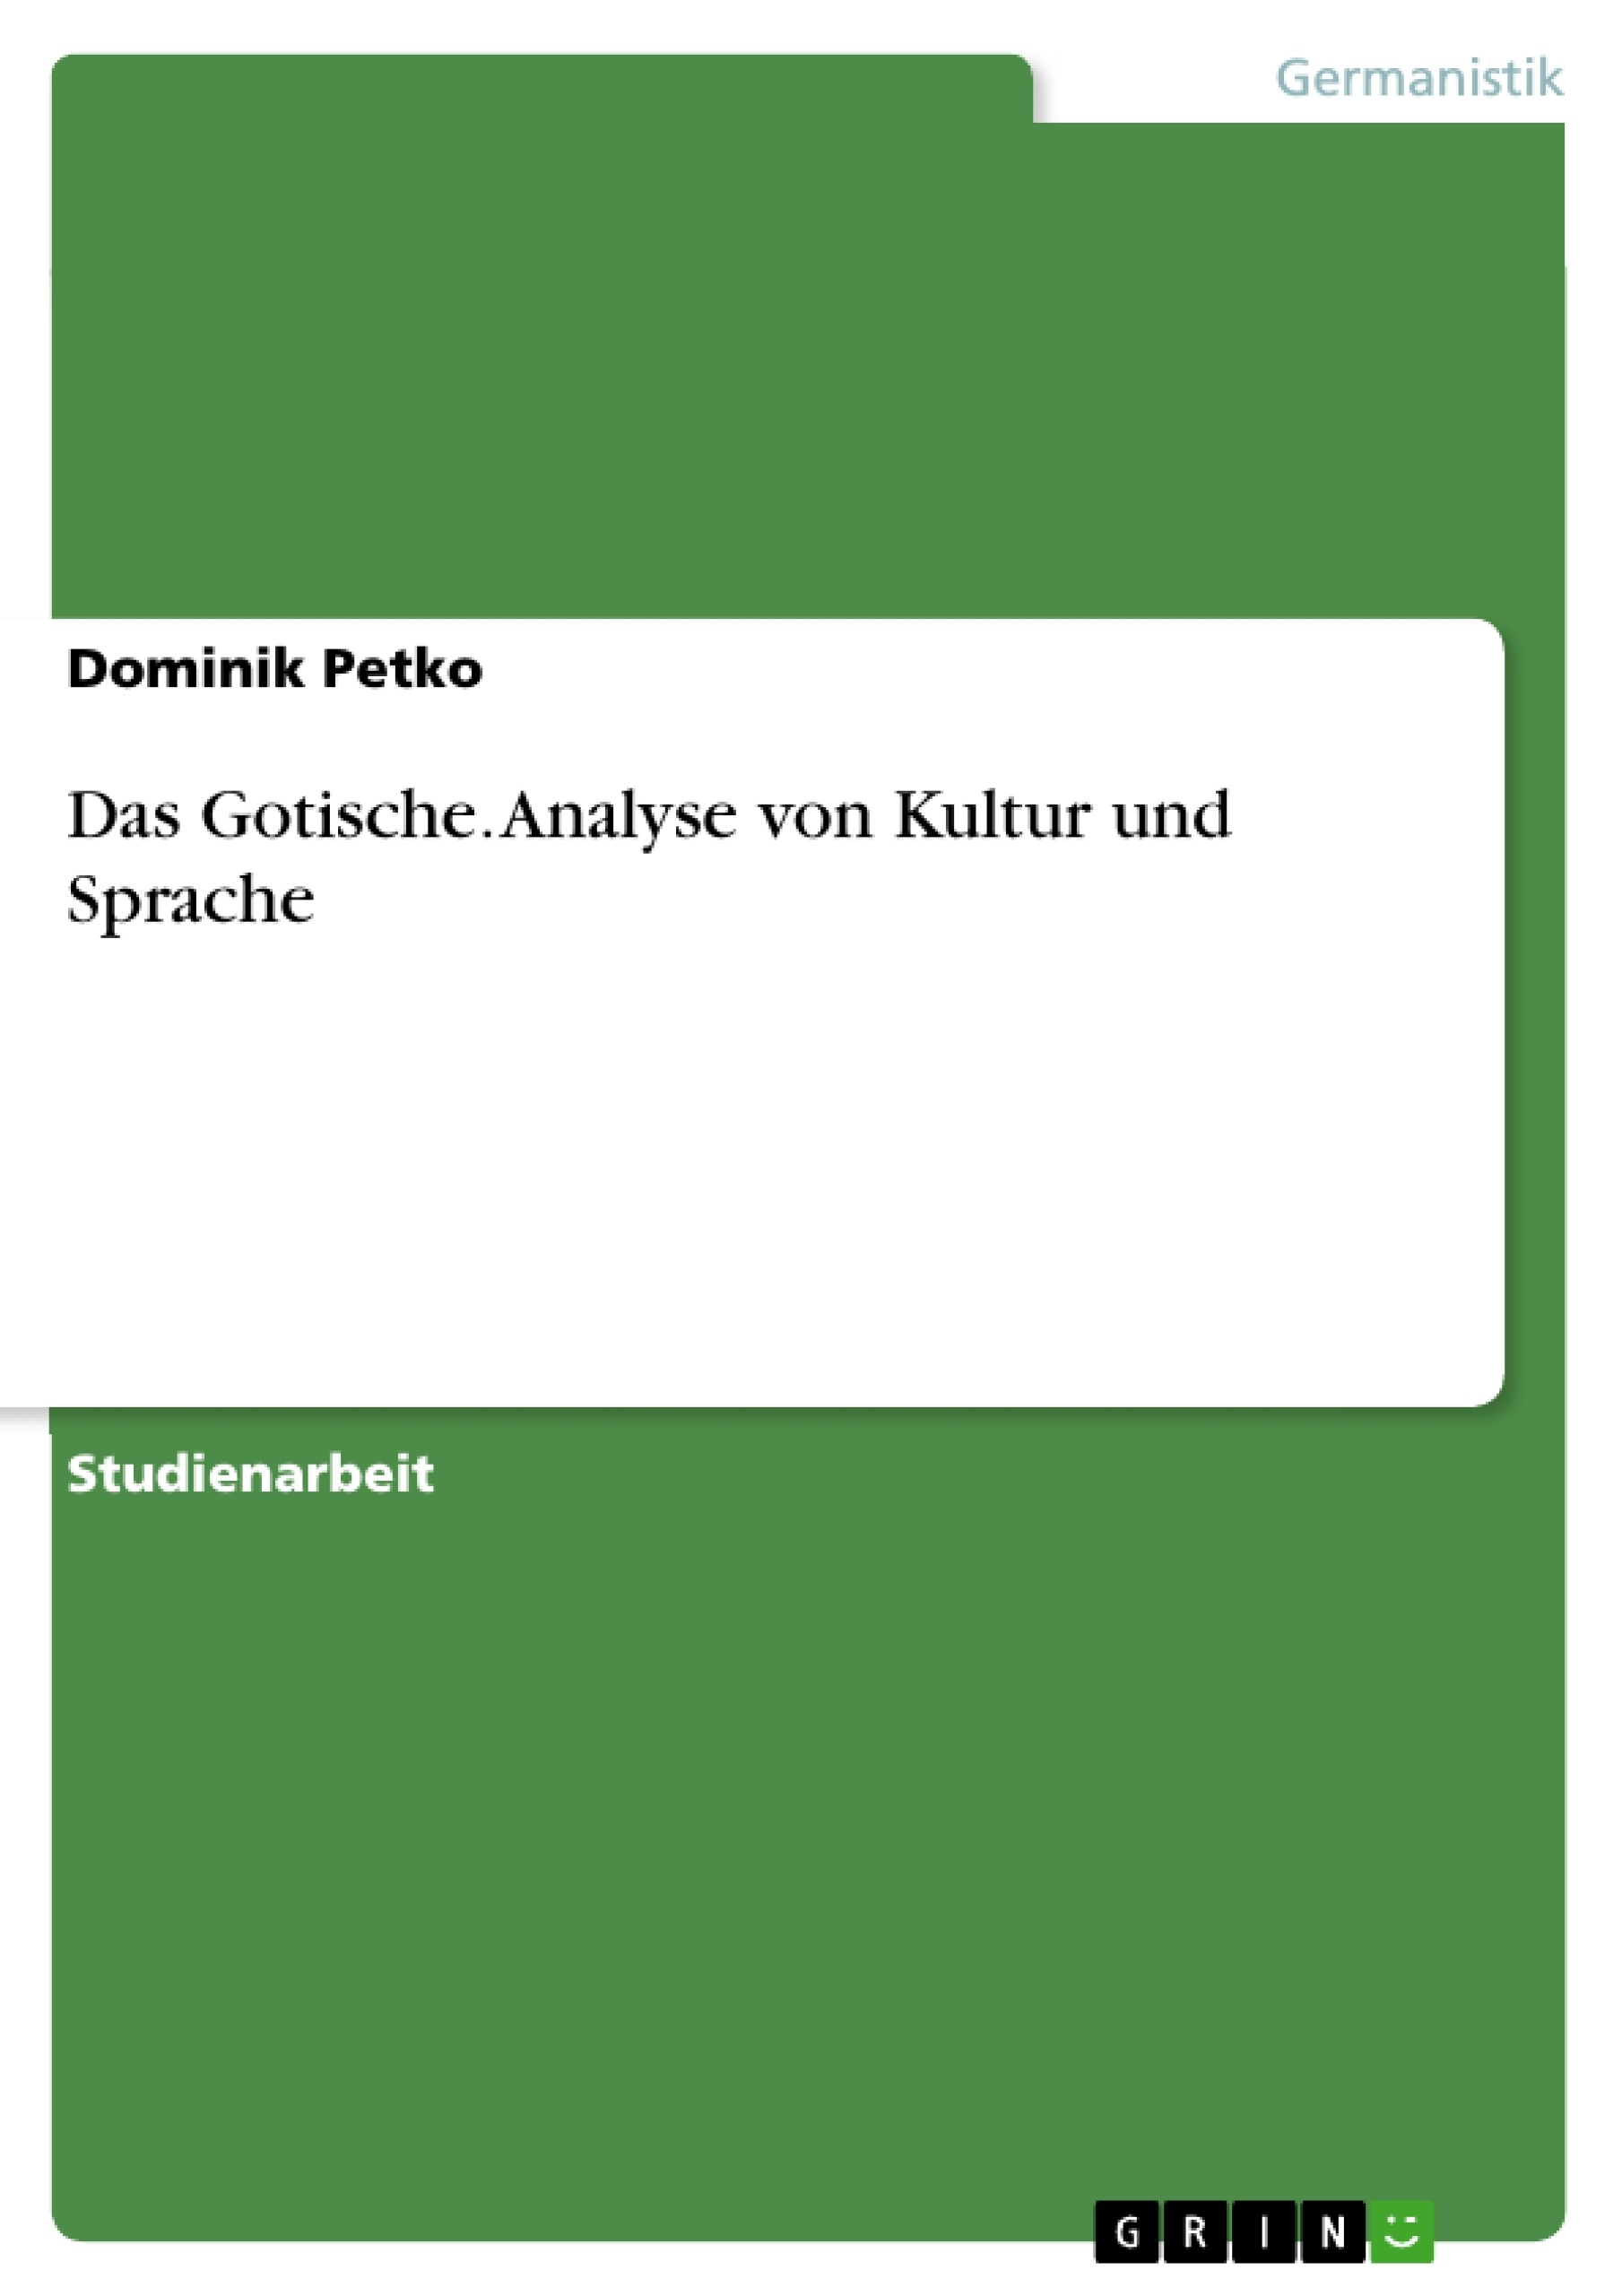 Titel: Das Gotische. Analyse von Kultur und Sprache